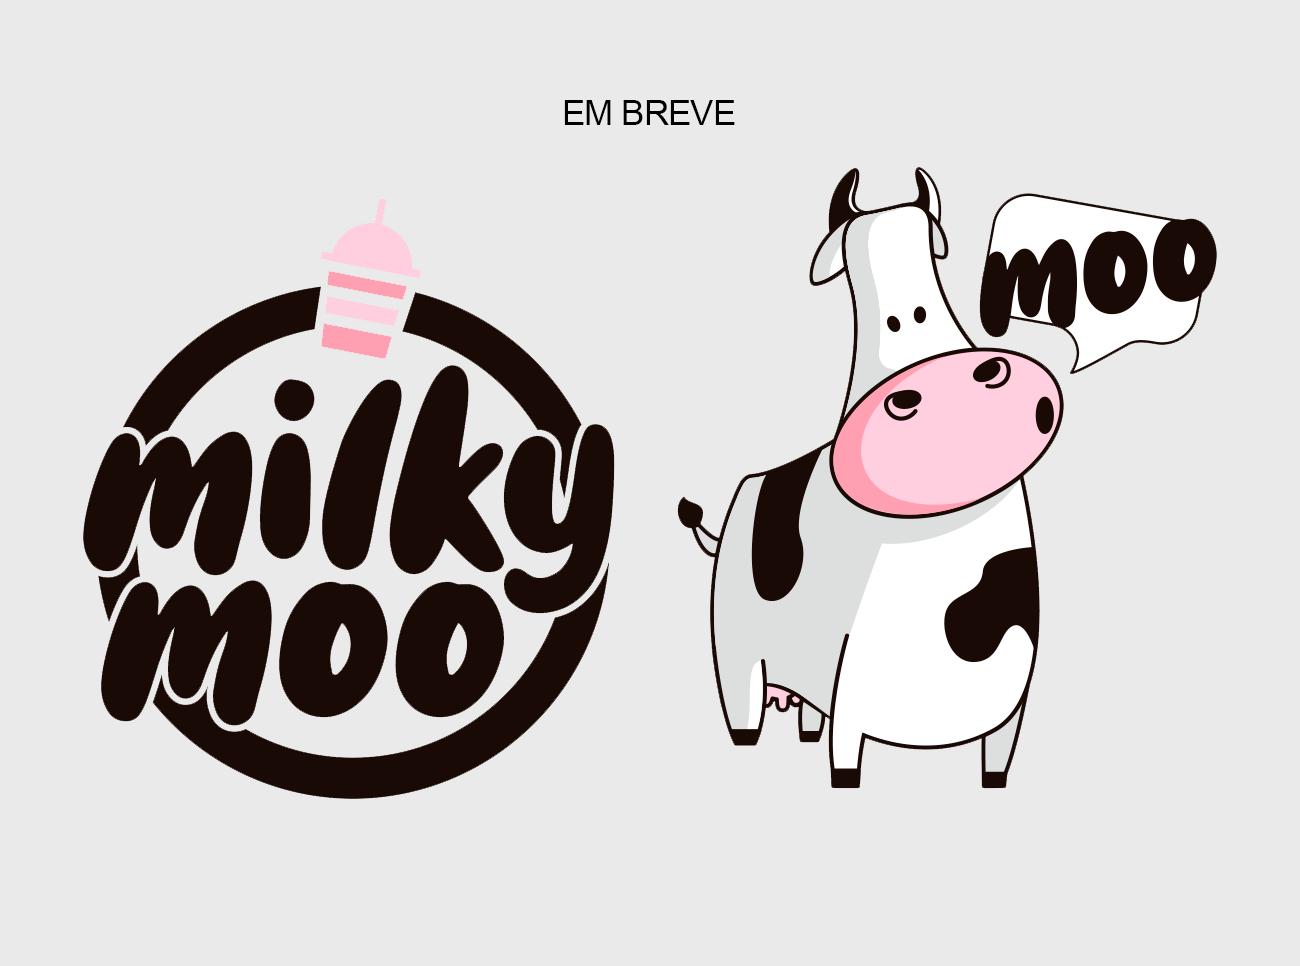 milkymoo